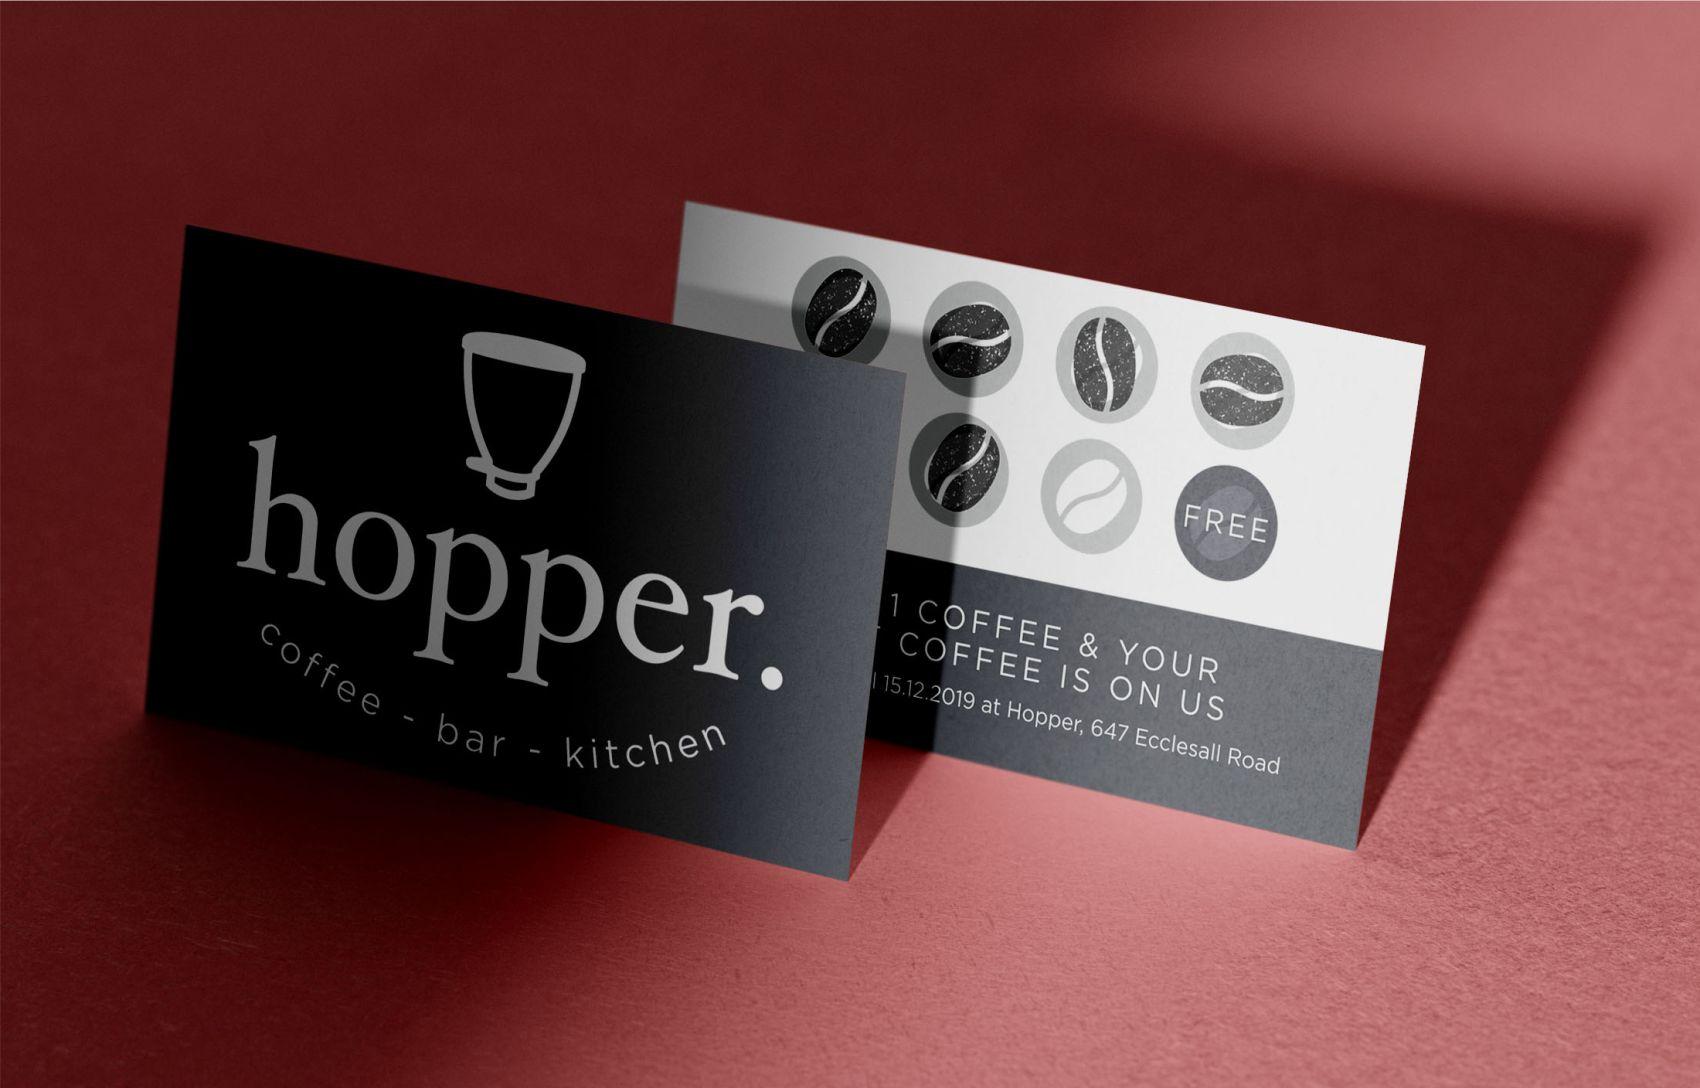 Business-Card-Design-Mockup-Hopper